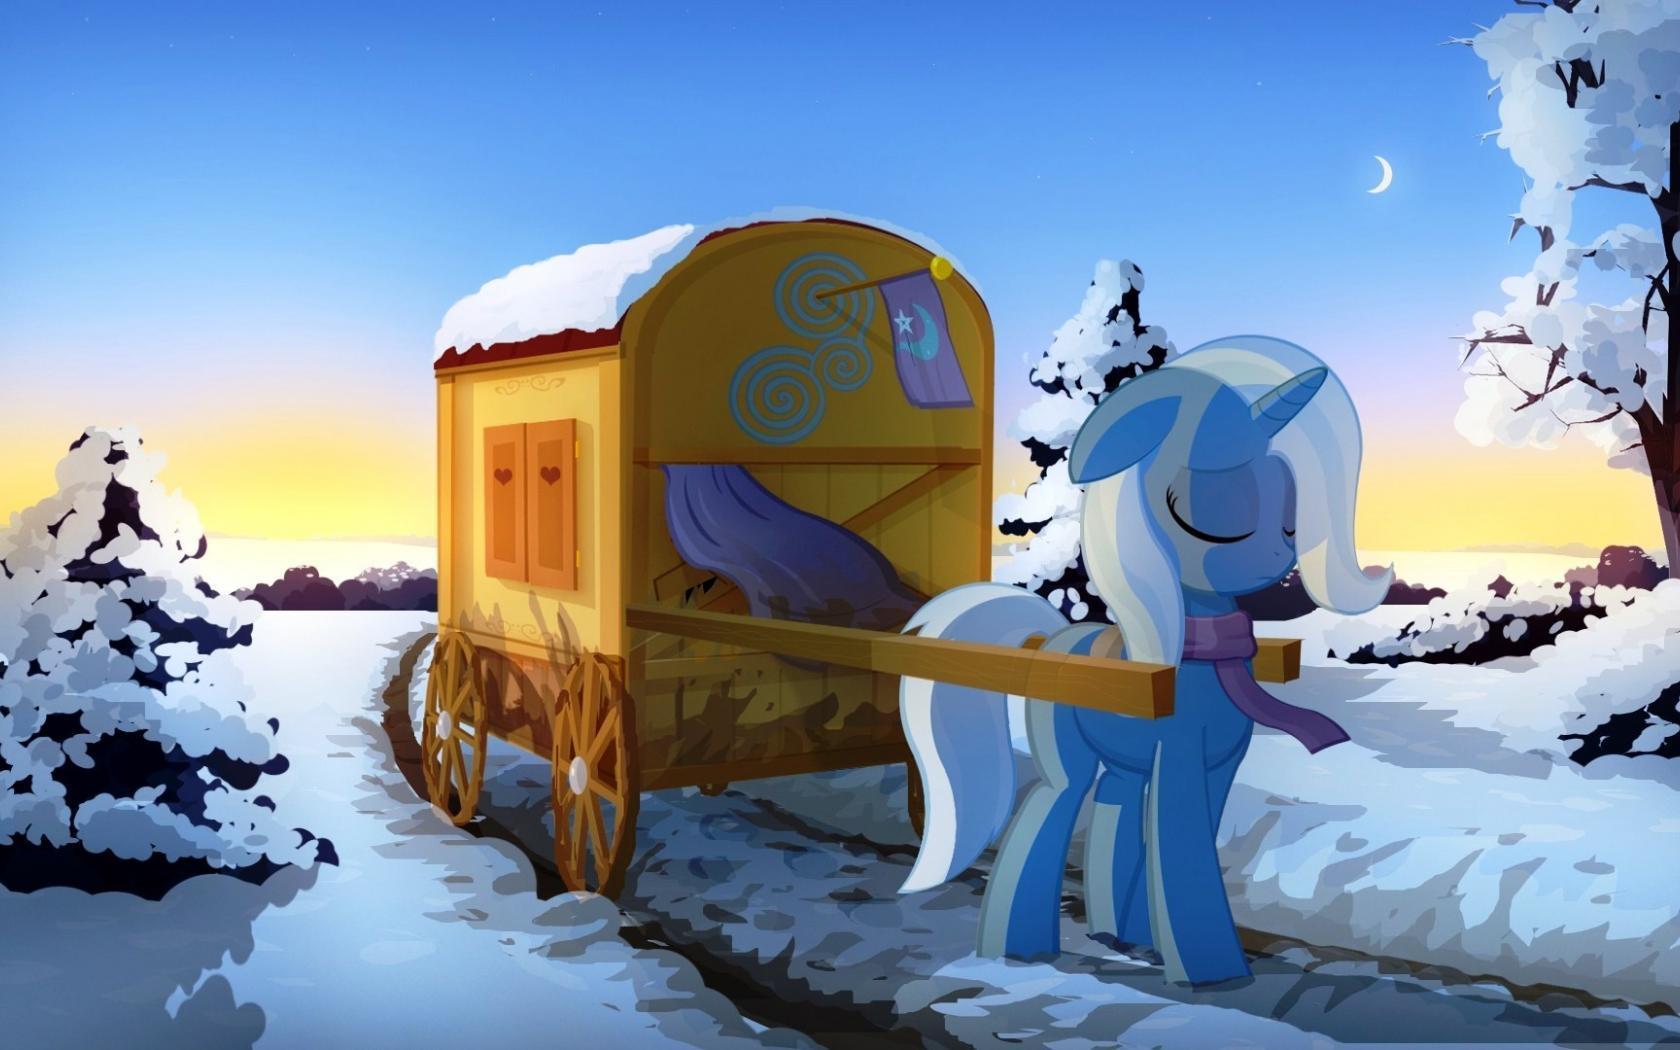 Картинка из фильма пони повозка снег